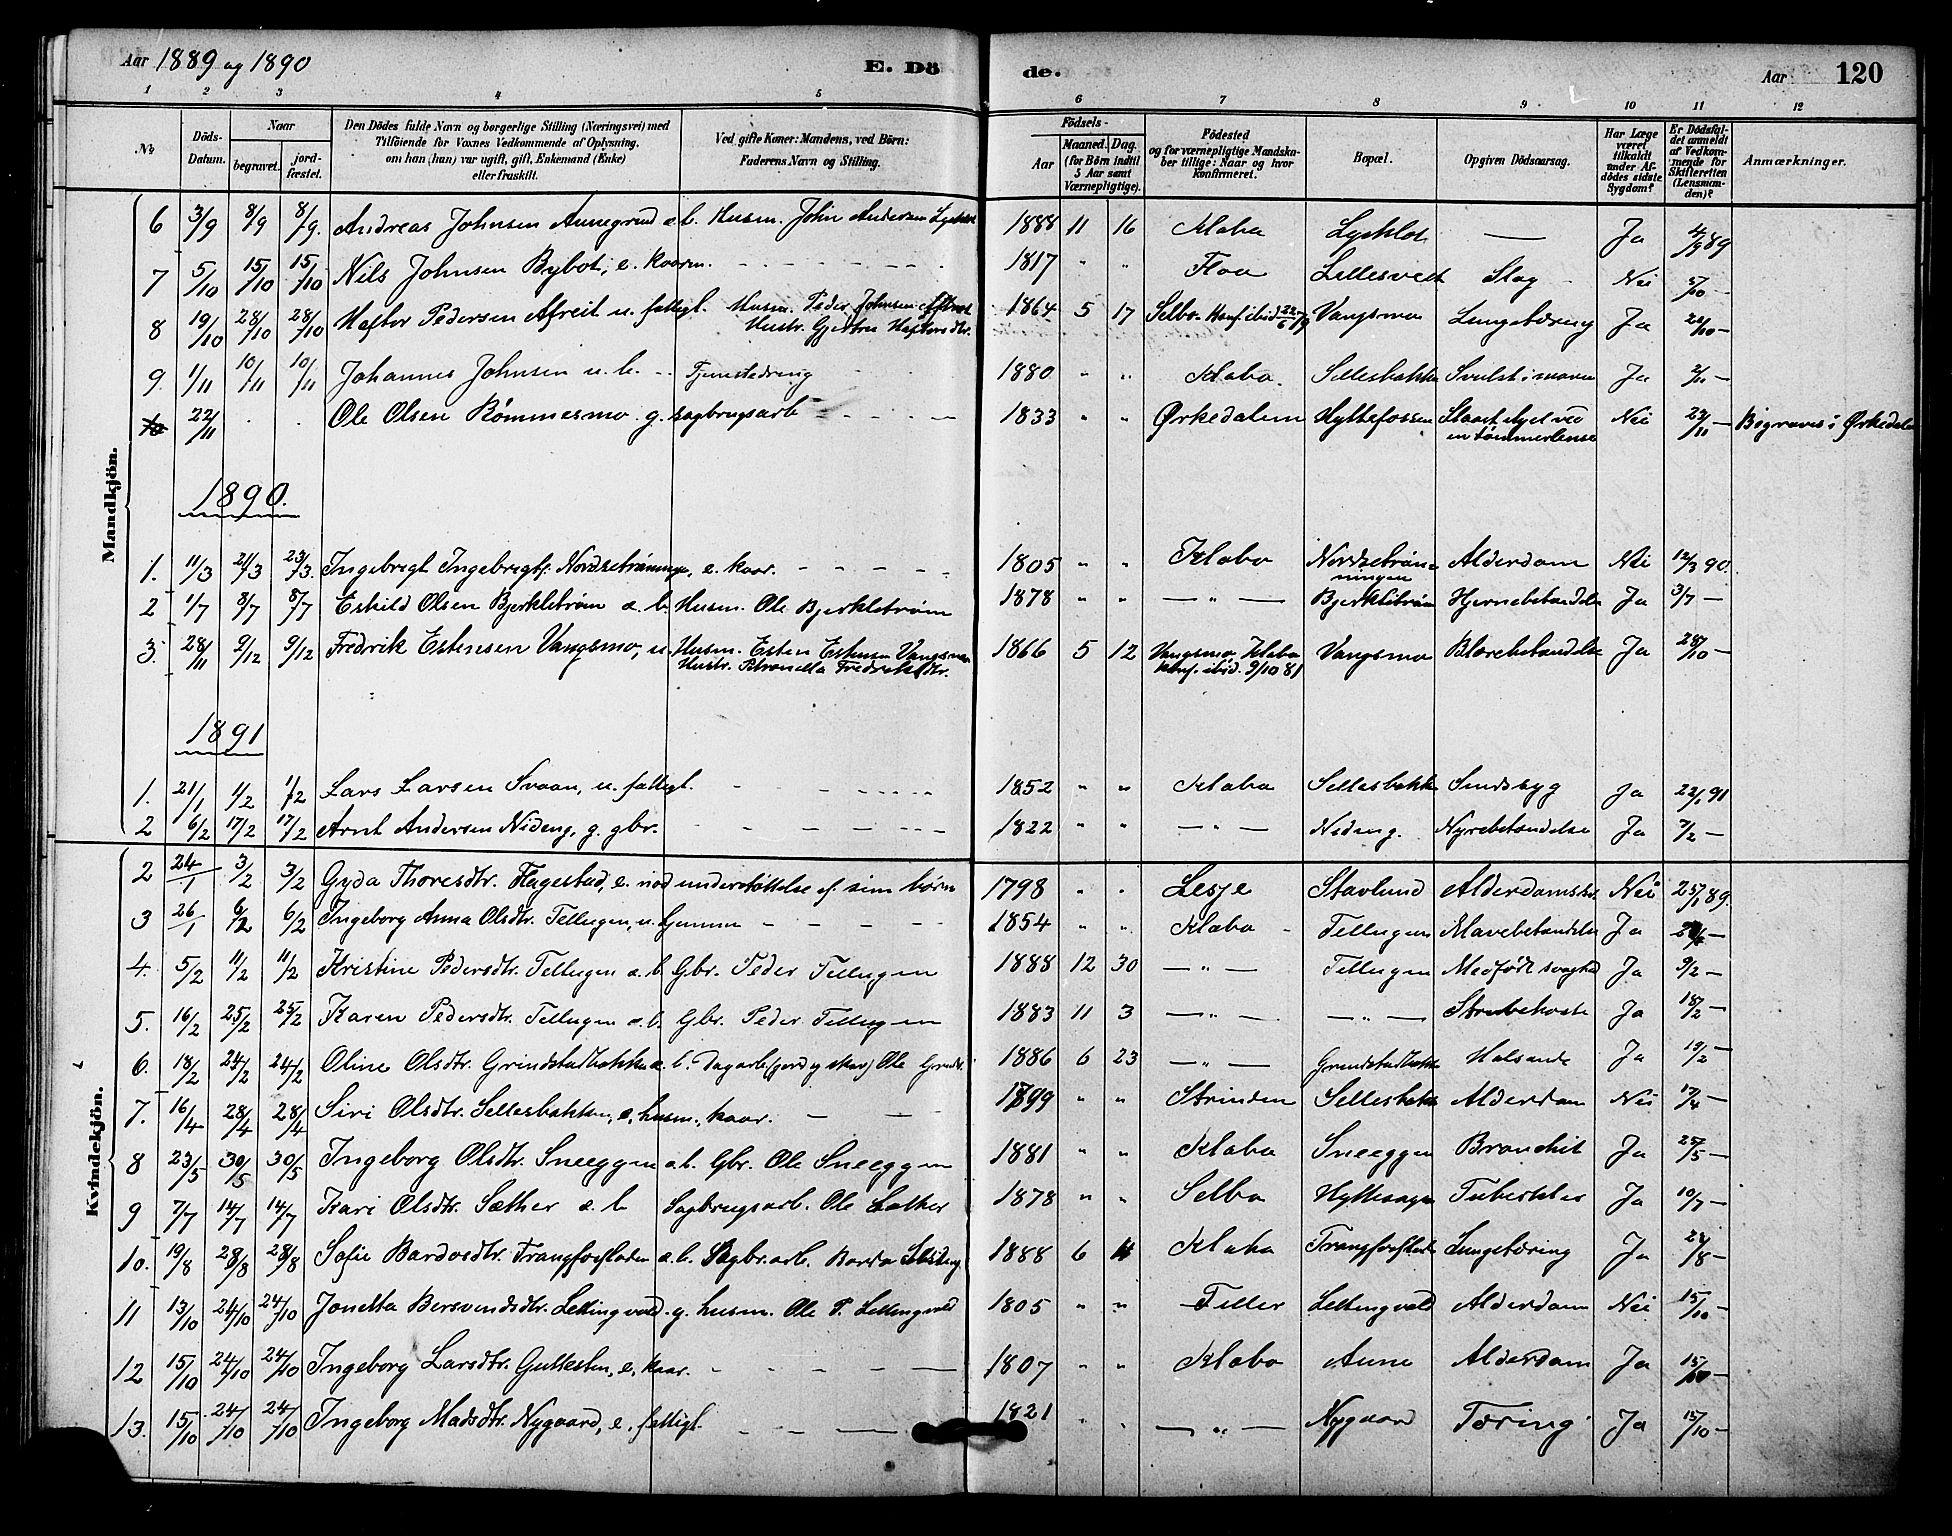 SAT, Ministerialprotokoller, klokkerbøker og fødselsregistre - Sør-Trøndelag, 618/L0444: Ministerialbok nr. 618A07, 1880-1898, s. 120